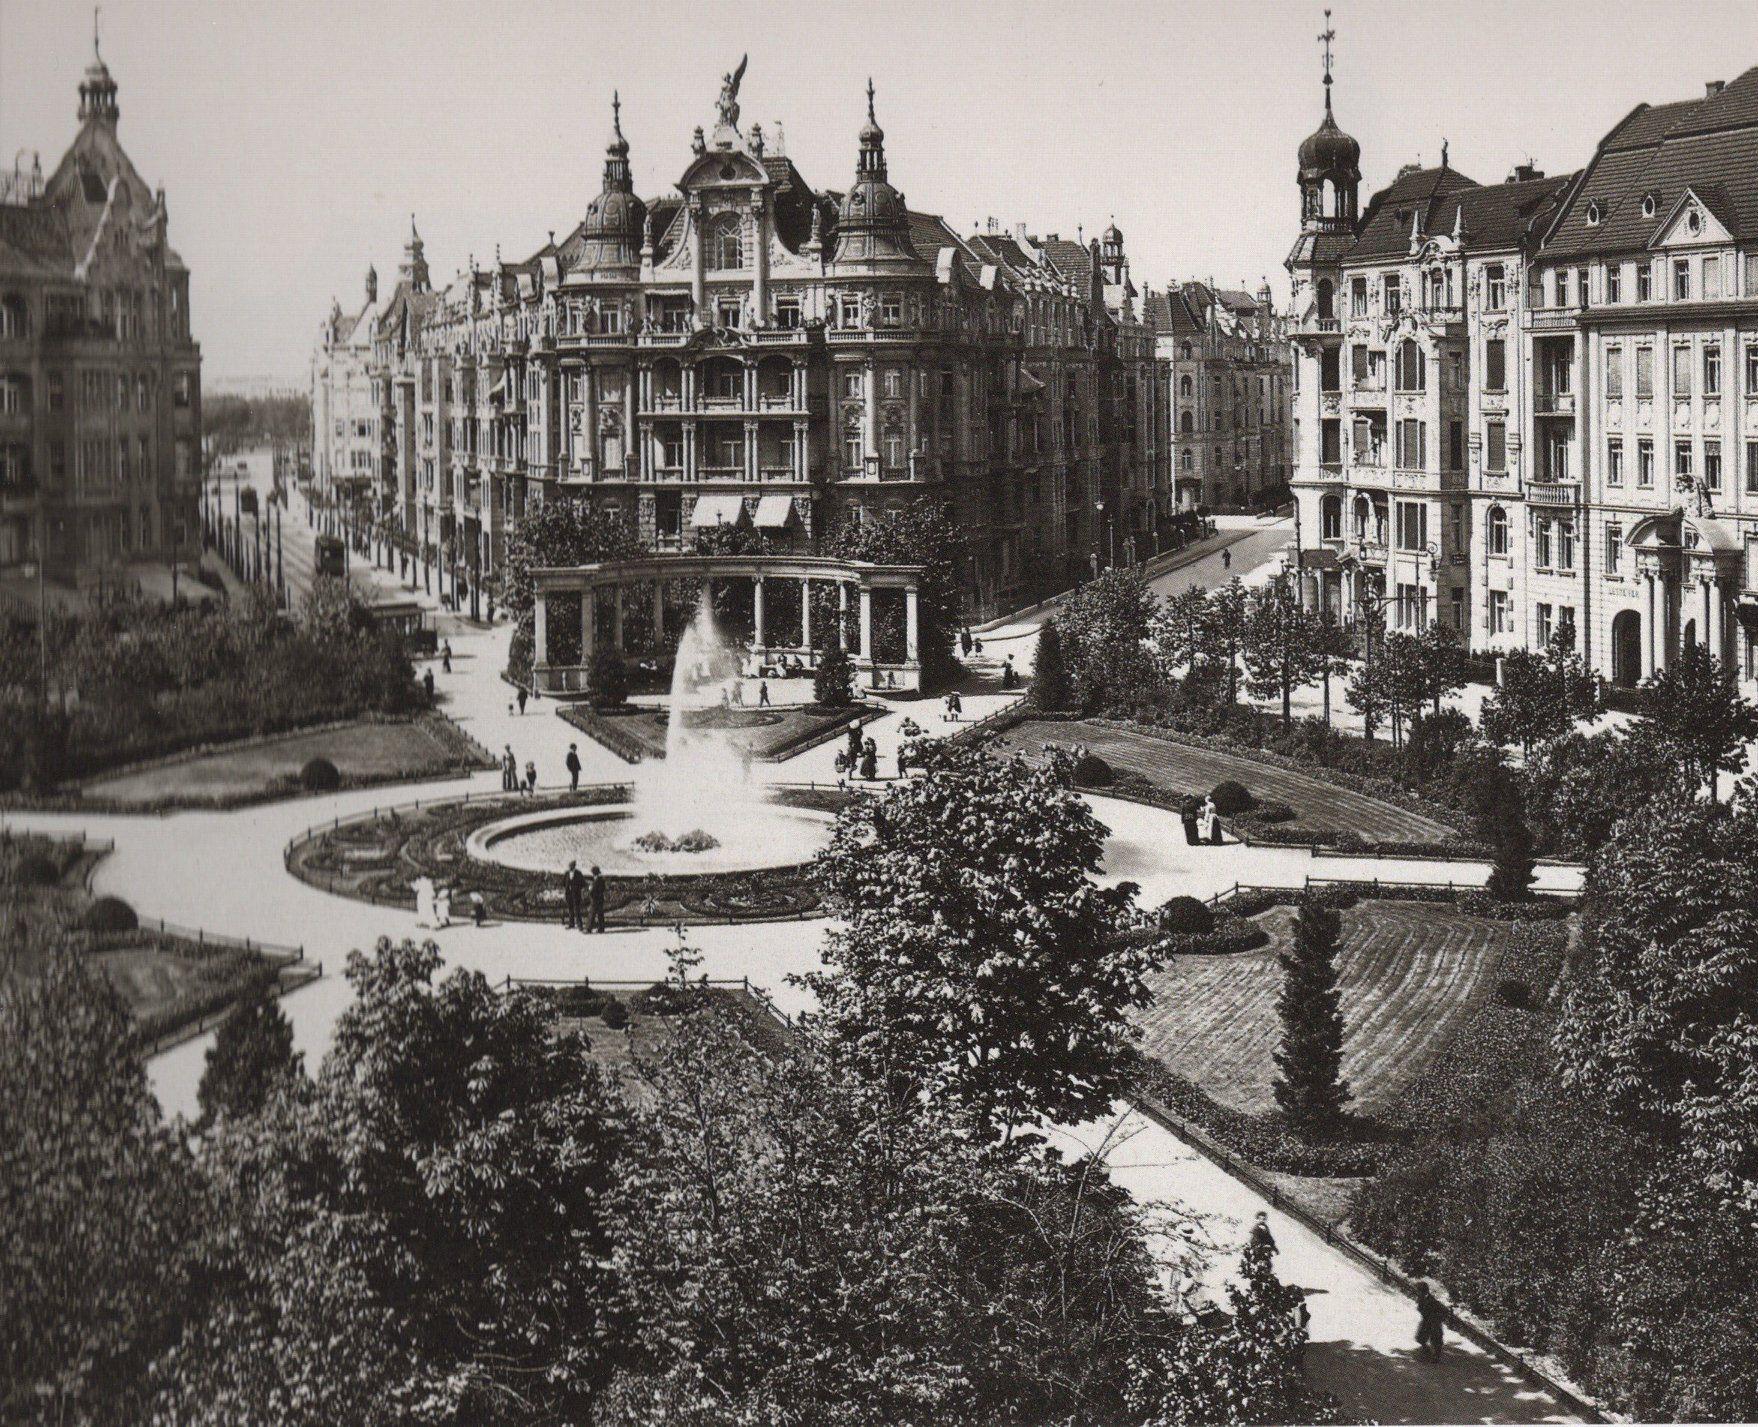 1904 Victoria Luise Platz In Schoneberg Der Platz Wurde Am 1 Juni 1900 An Die Stadt Ubergeben Blick Nach Westen In Die Motz Bzw Re Schoneberg Berlin Tempel